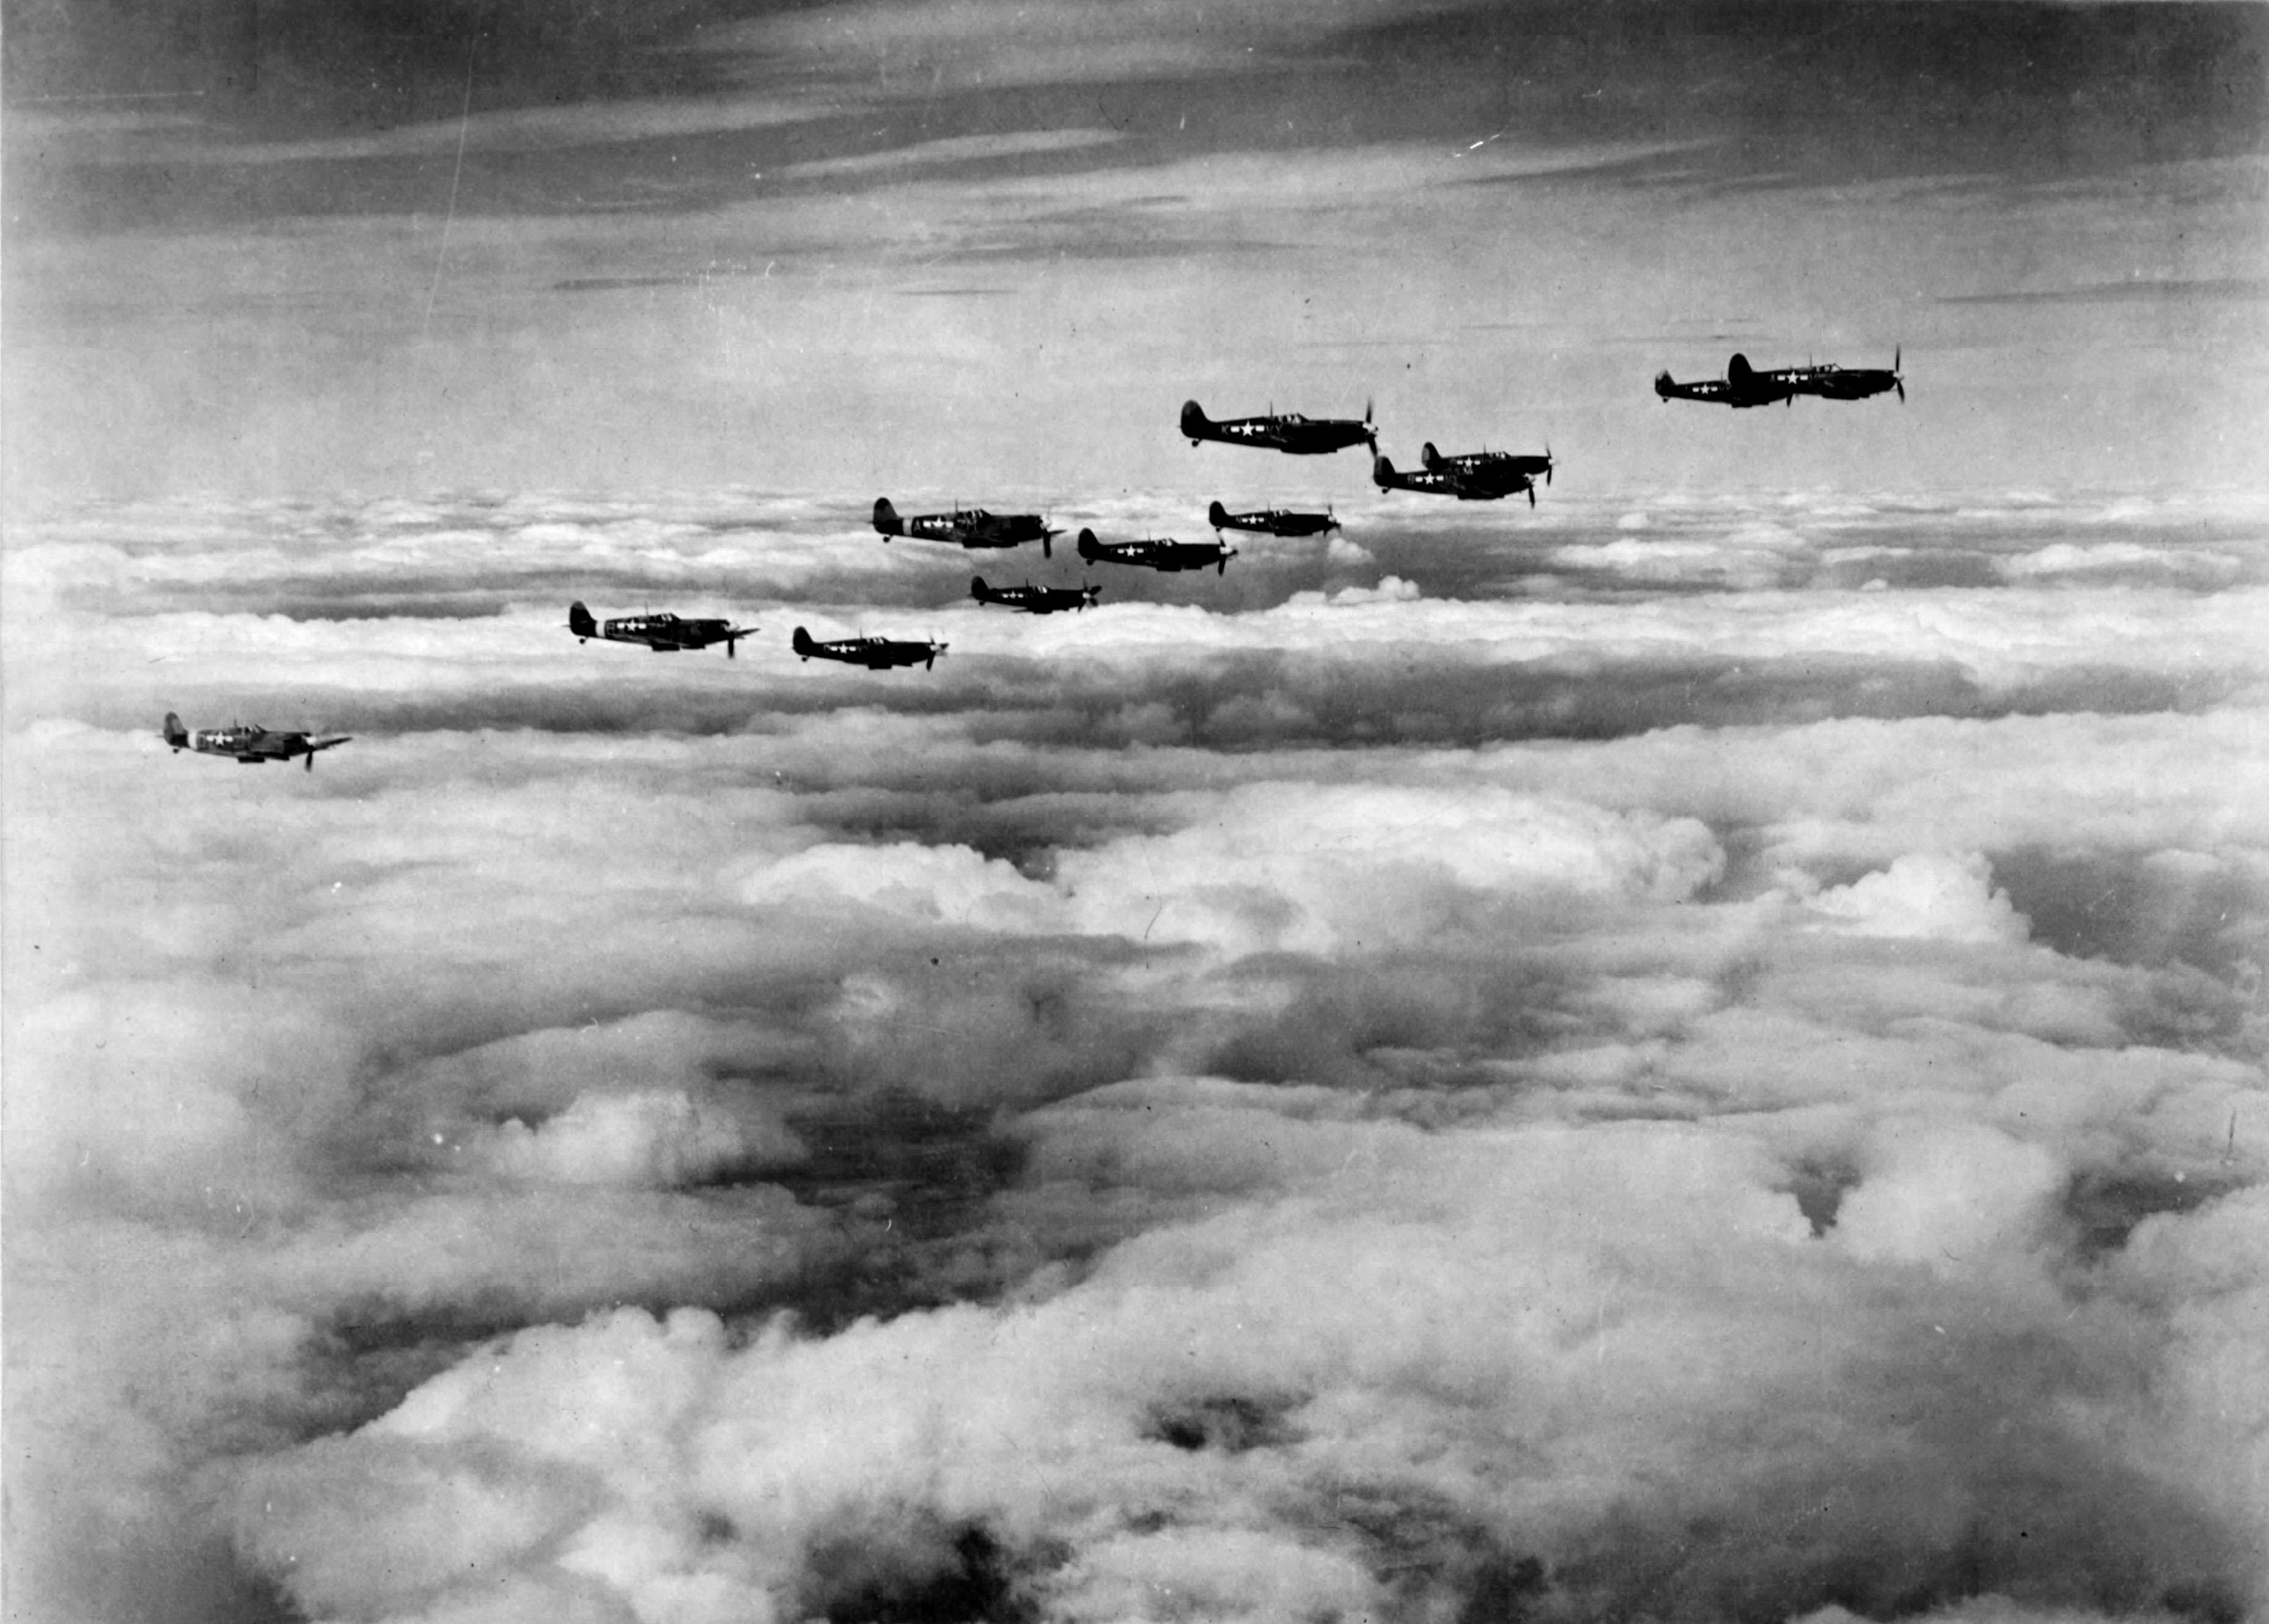 Spitfire MkVb USAAF 67TRG12TRS in formation over England 01